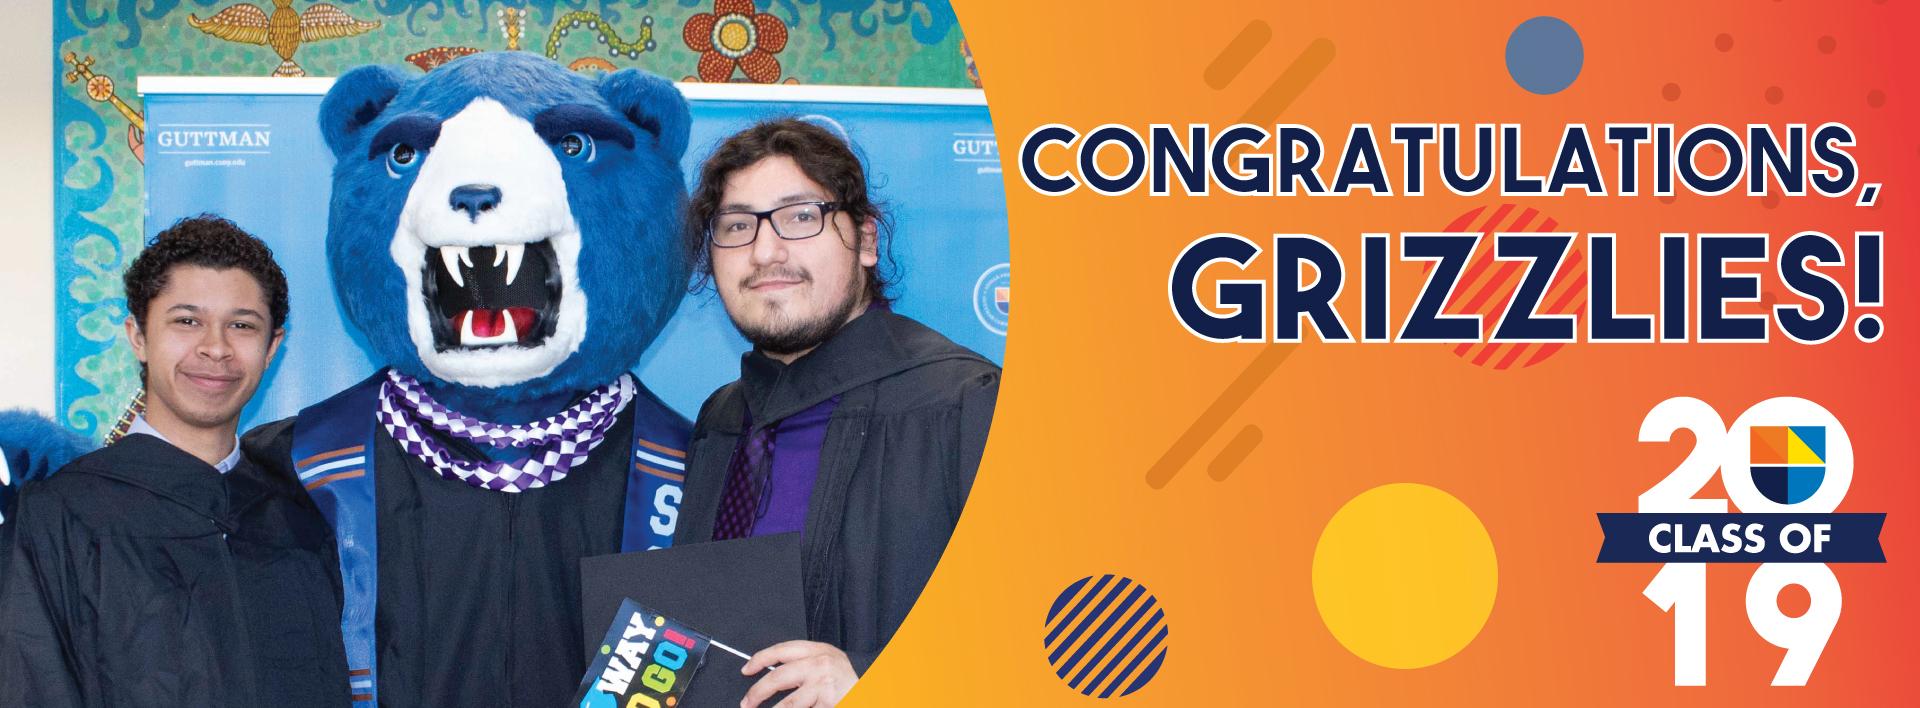 Congratulations, Grizzlies!